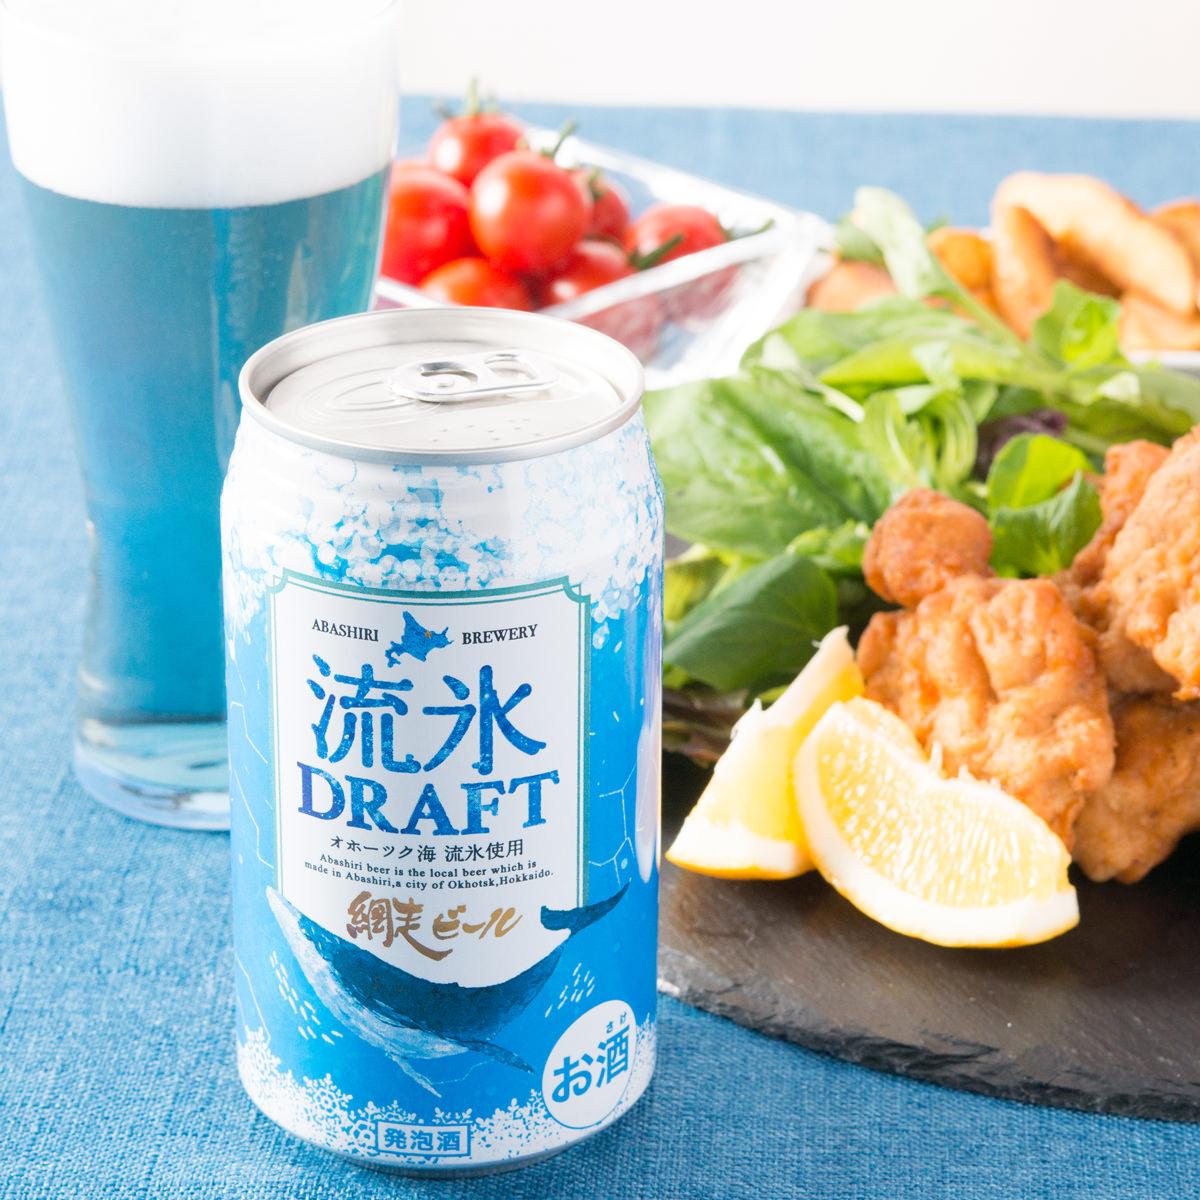 網走ビール 流氷ドラフト(缶)8本セット〔350ml×8本〕【沖縄・離島 お届け不可】